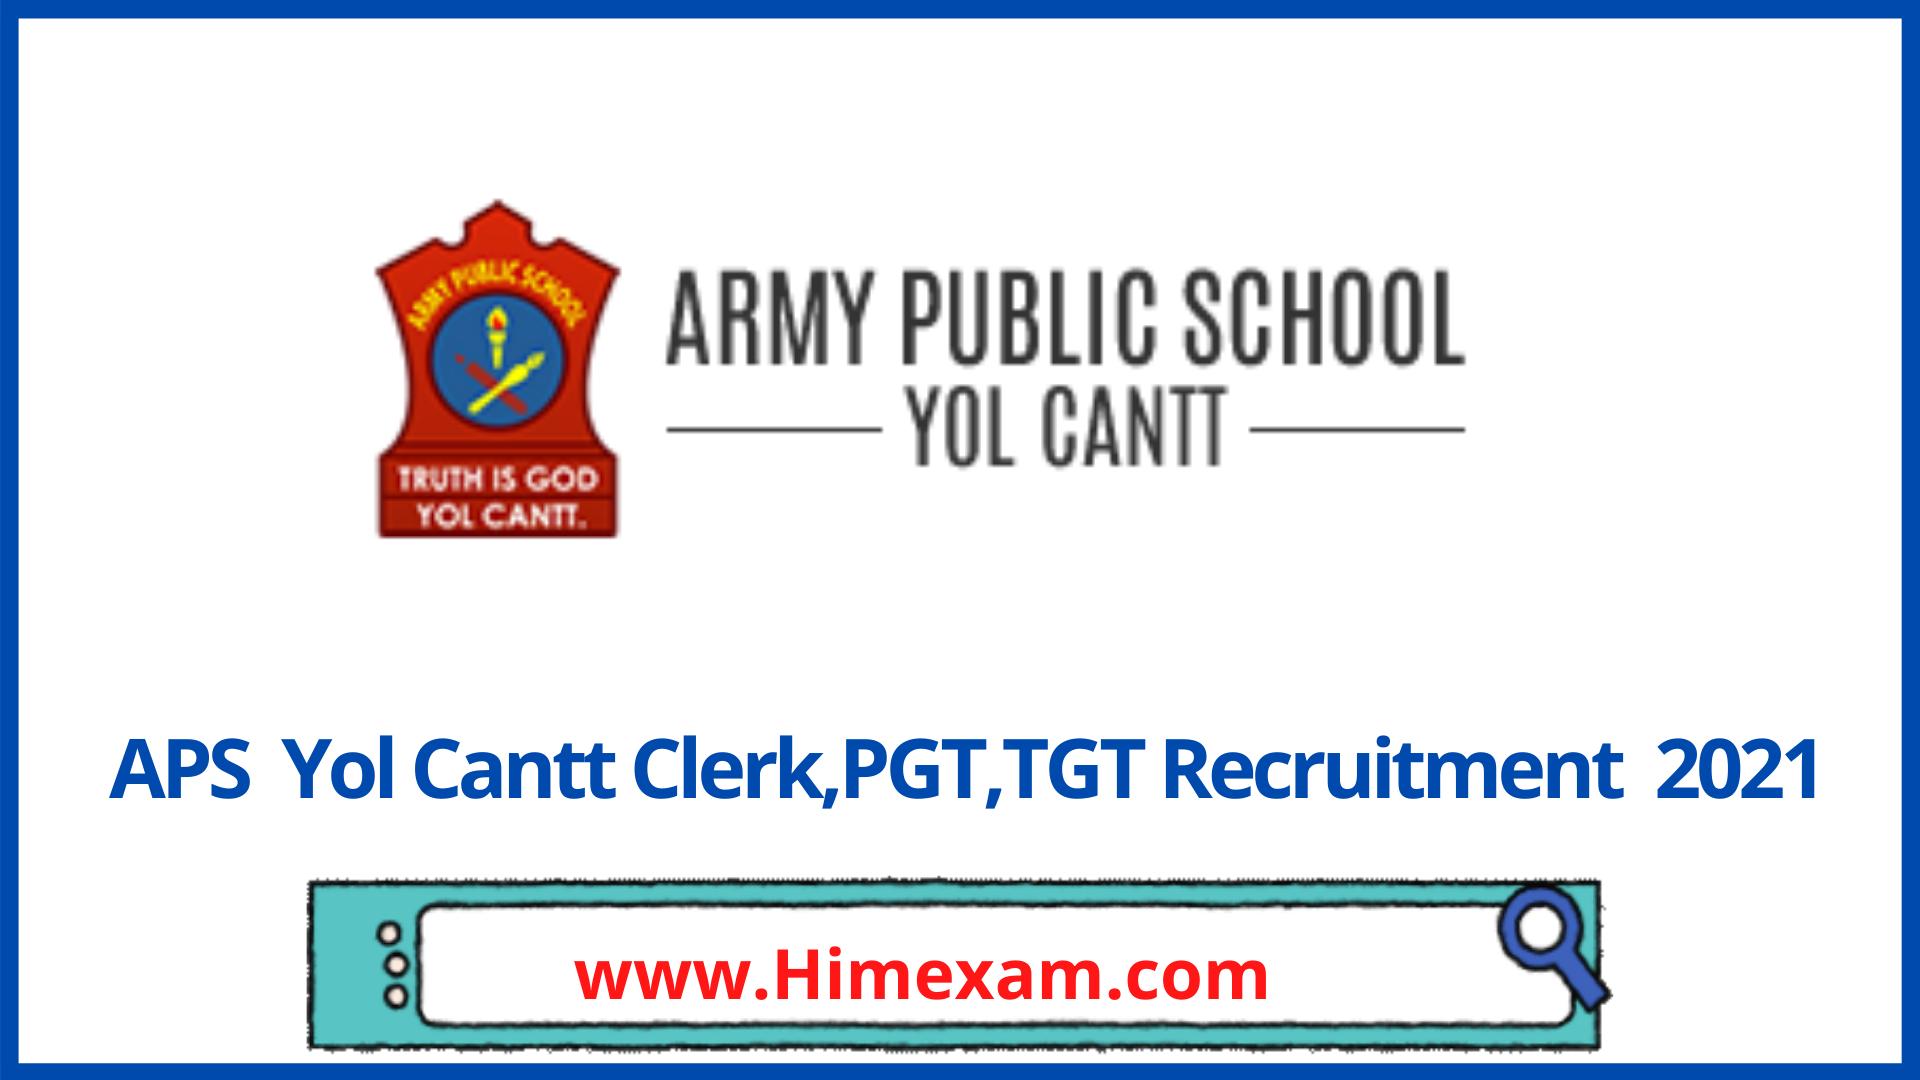 APS Yol Cantt Clerk,PGT,TGT Recruitment  2021